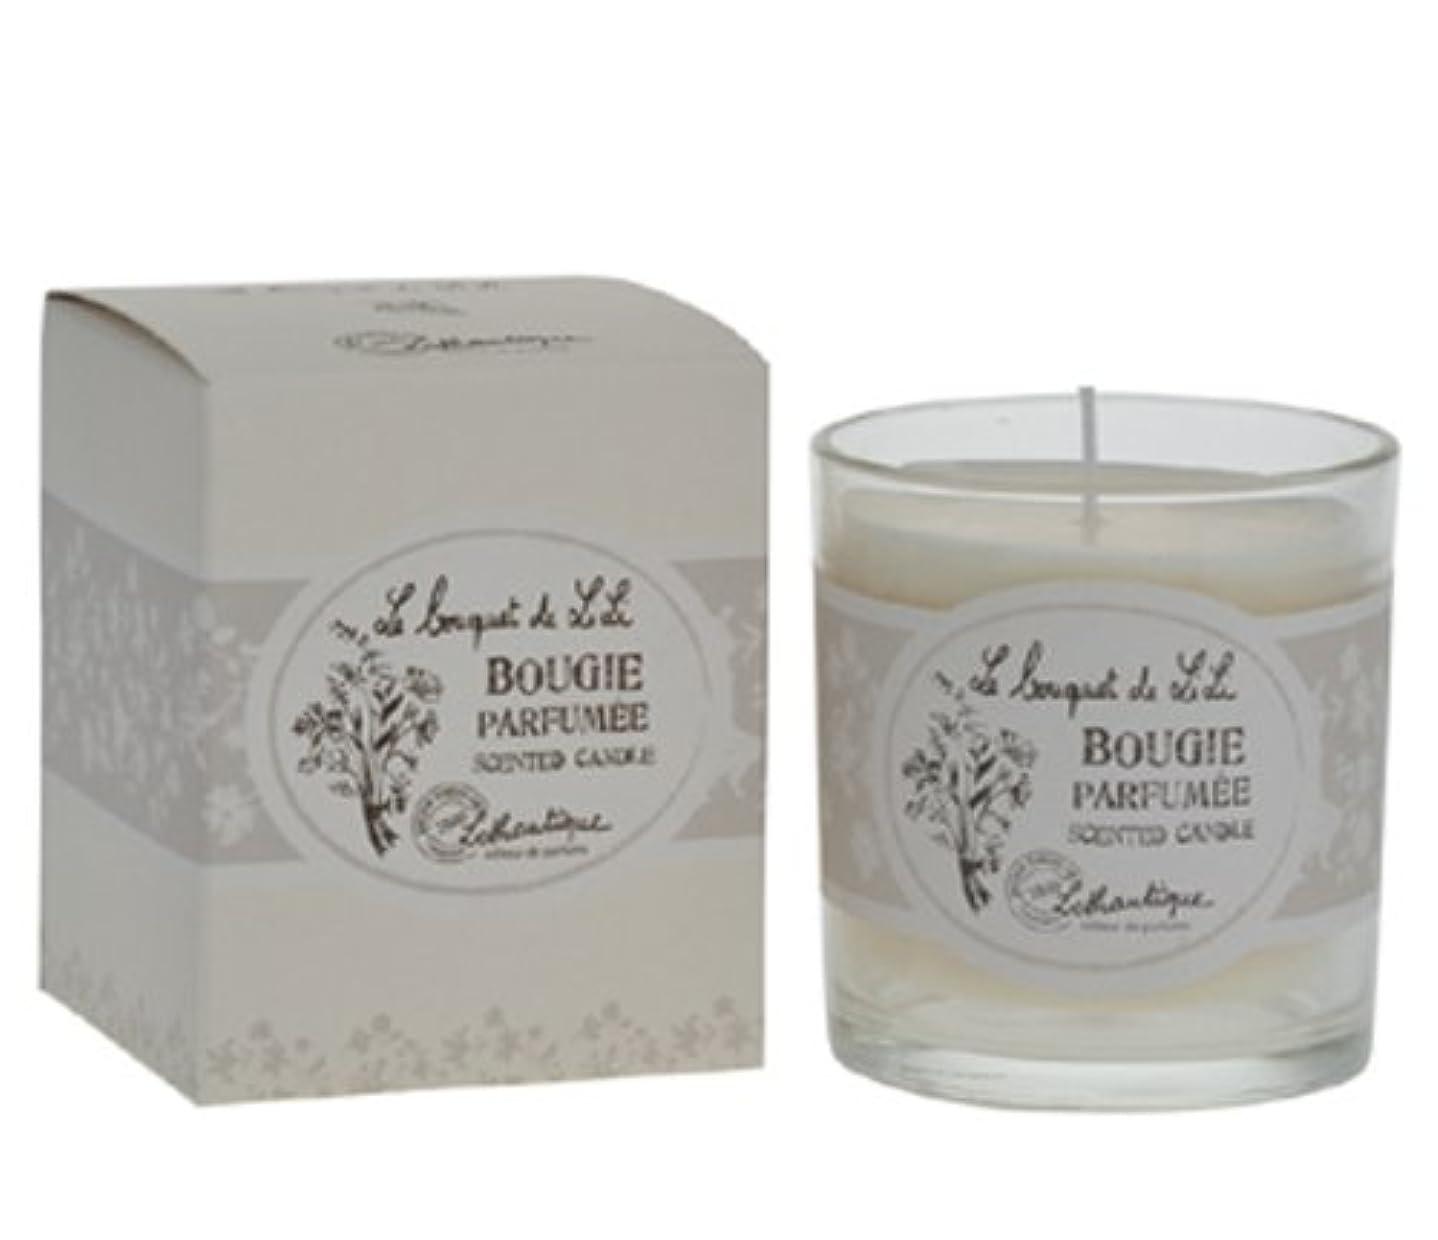 アジア人却下する塊Lothantique(ロタンティック) Le bouquet de LiLi(ブーケドゥリリシリーズ) キャンドル 140g 3420070029065